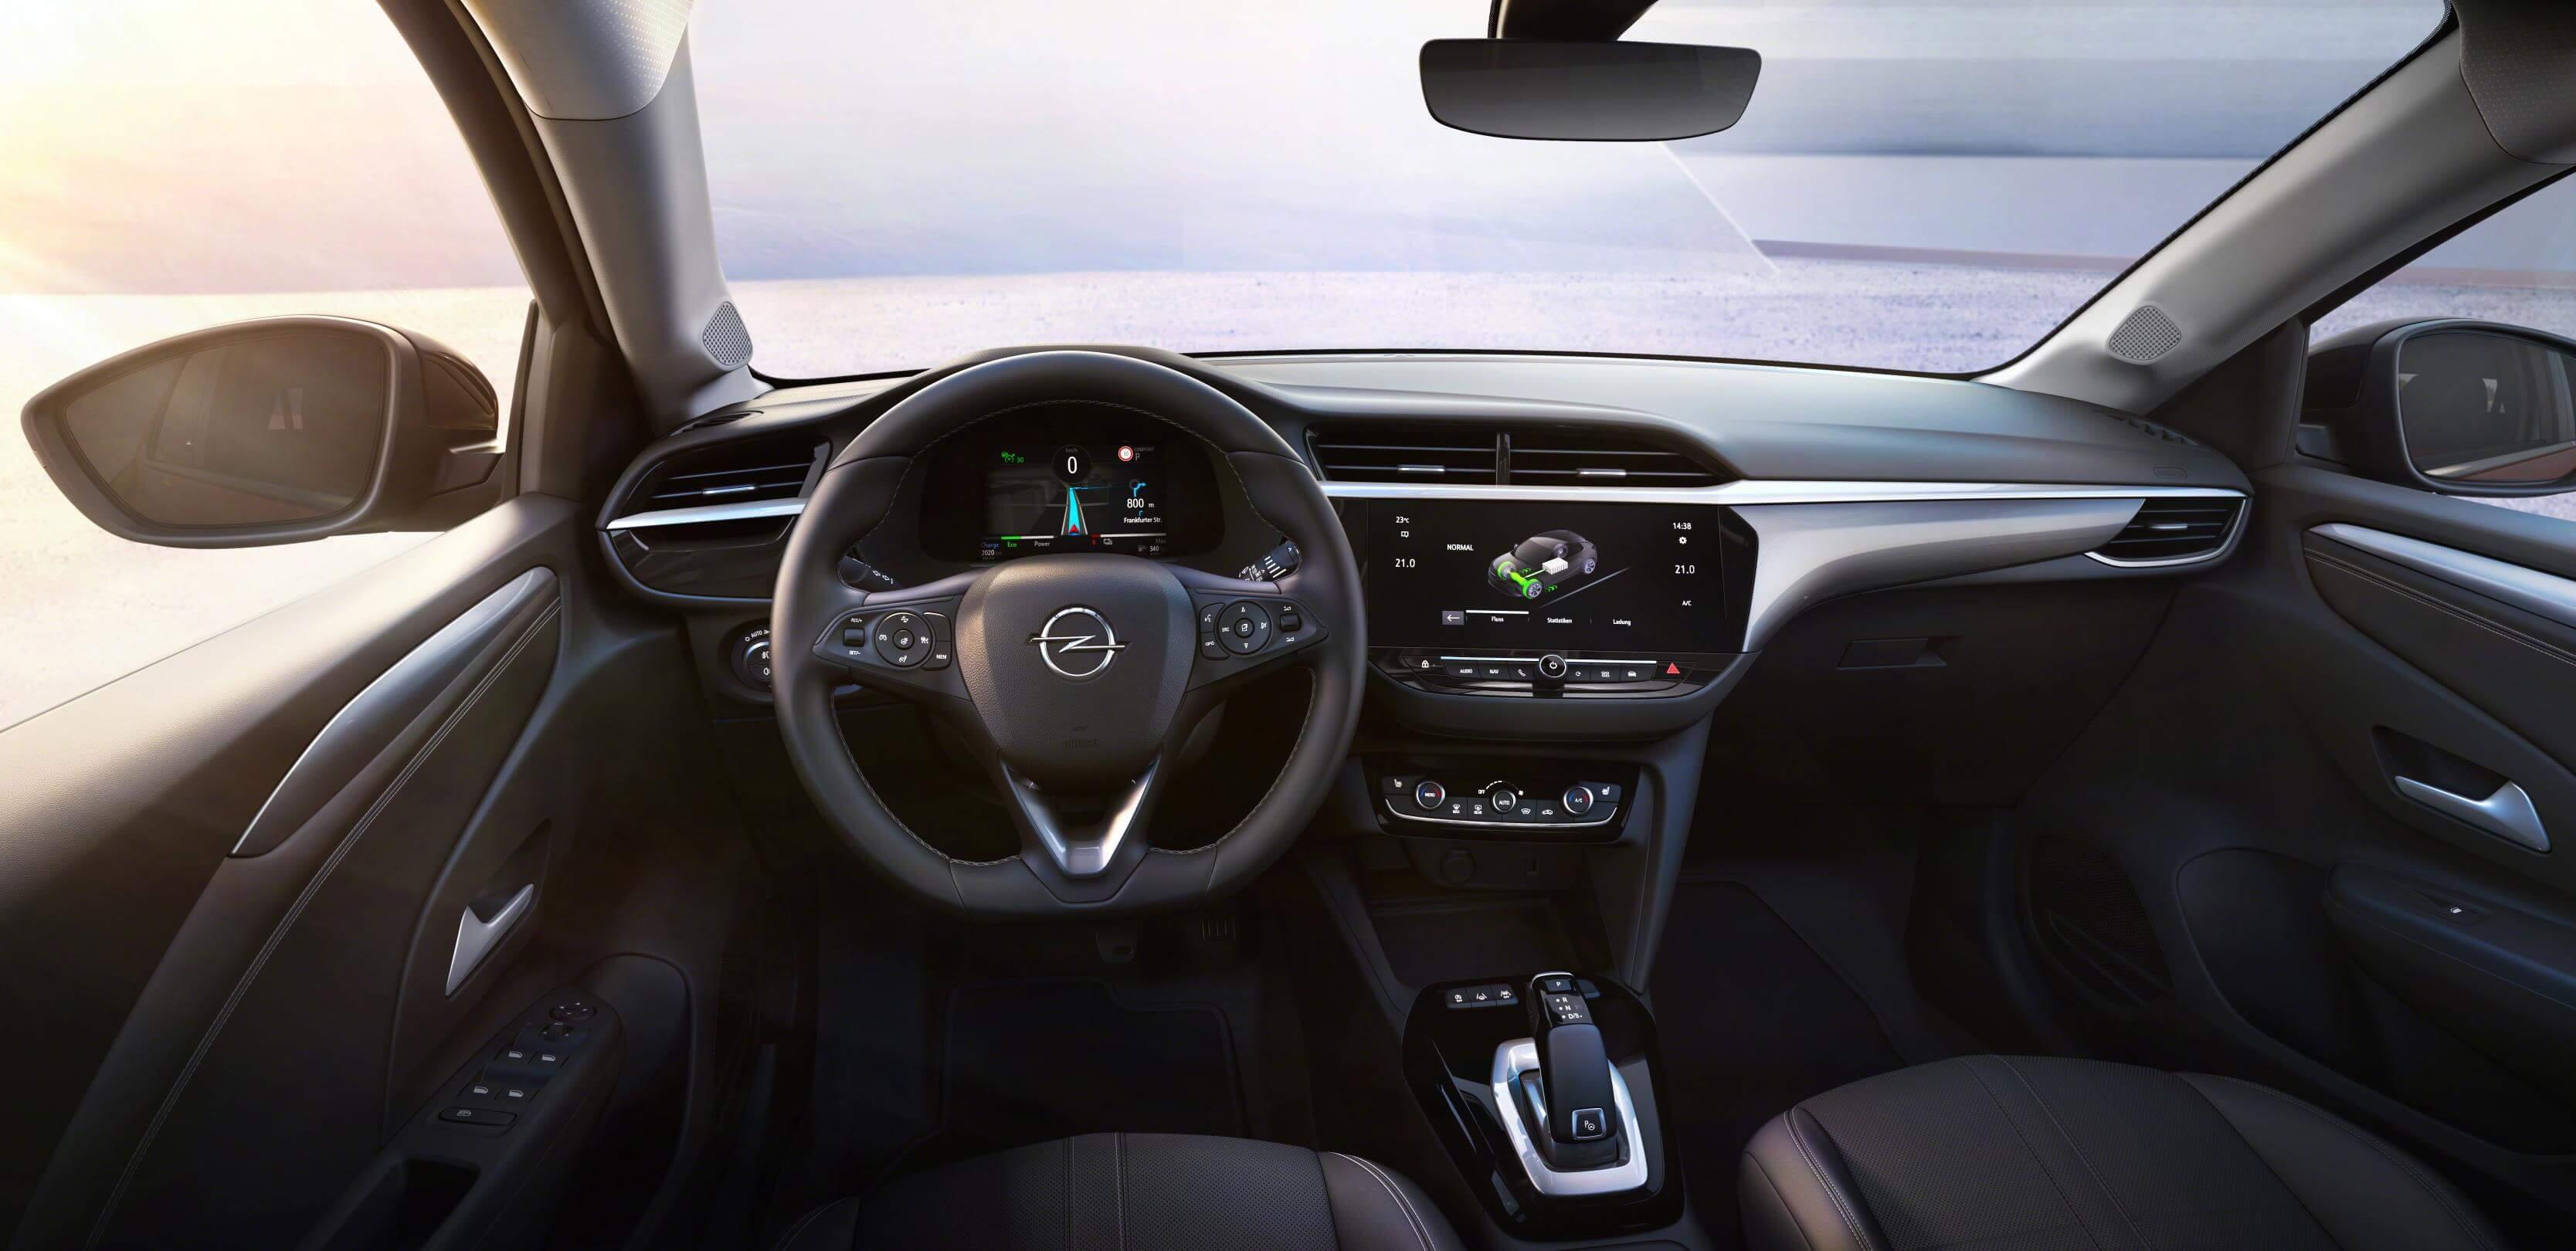 Opel Corsa-e: interior